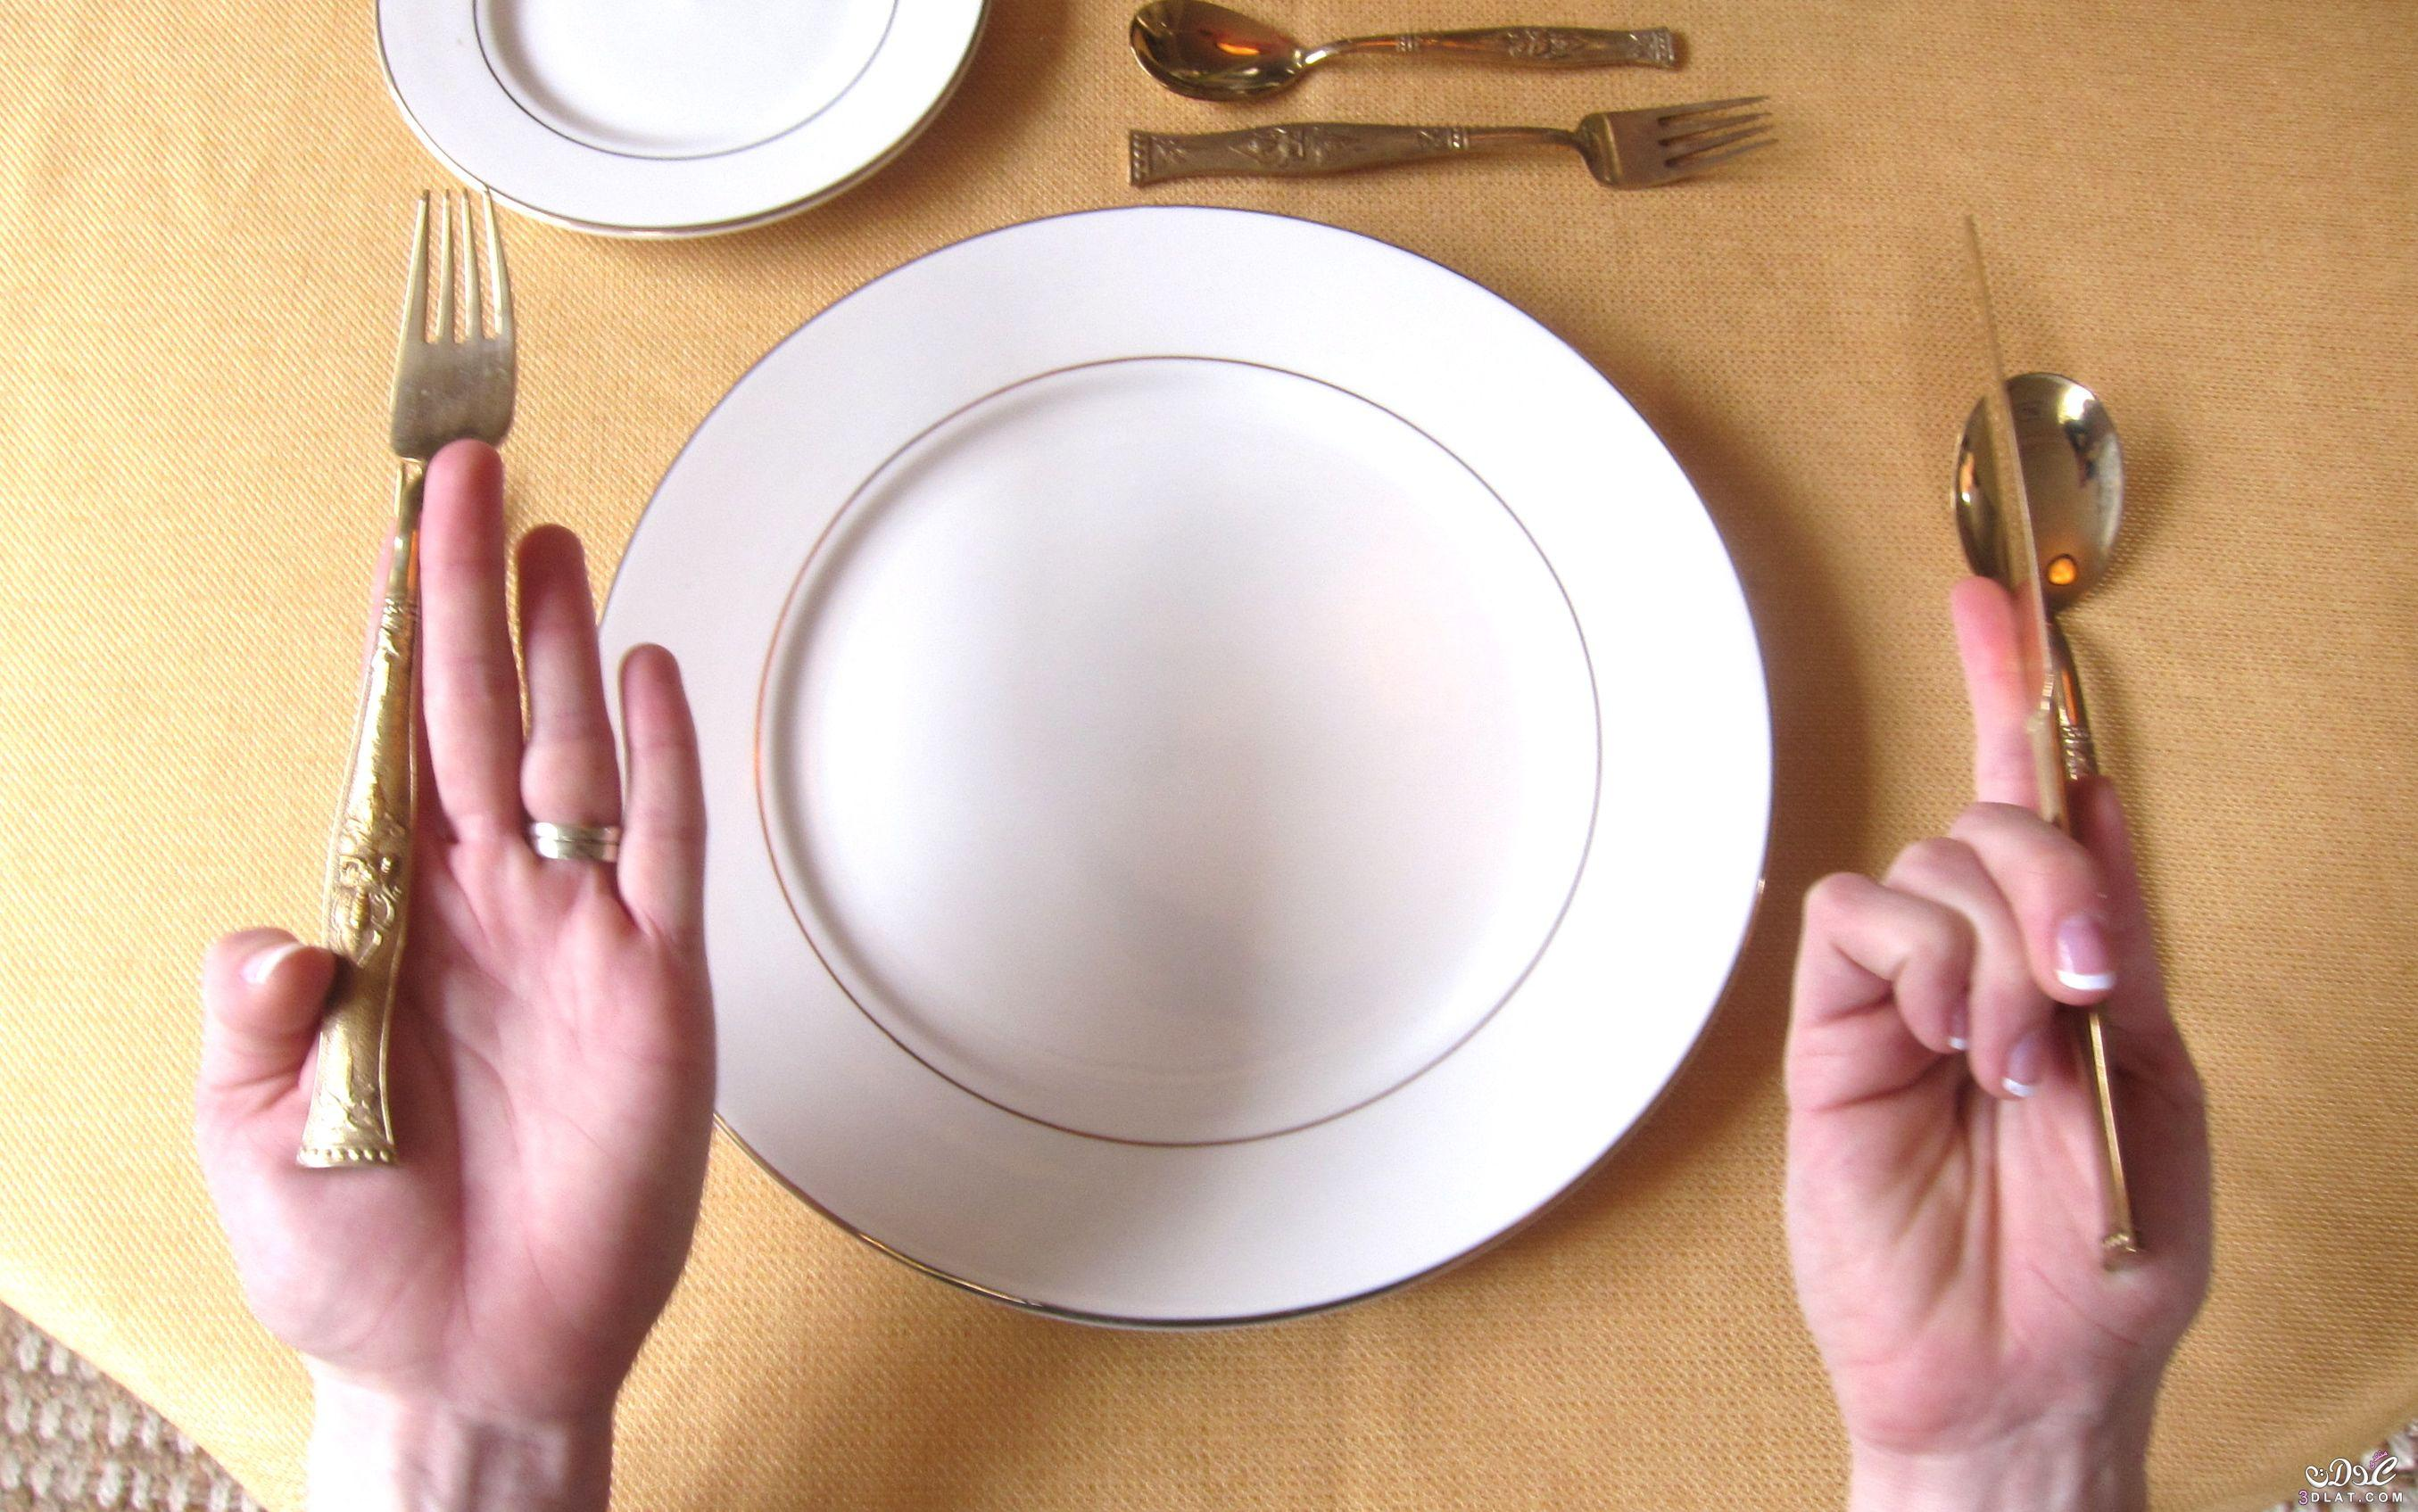 بالصور اتيكيت الشوكة والسكين , تعرف على طرق اتيكيت الشوكة والسكين 1773